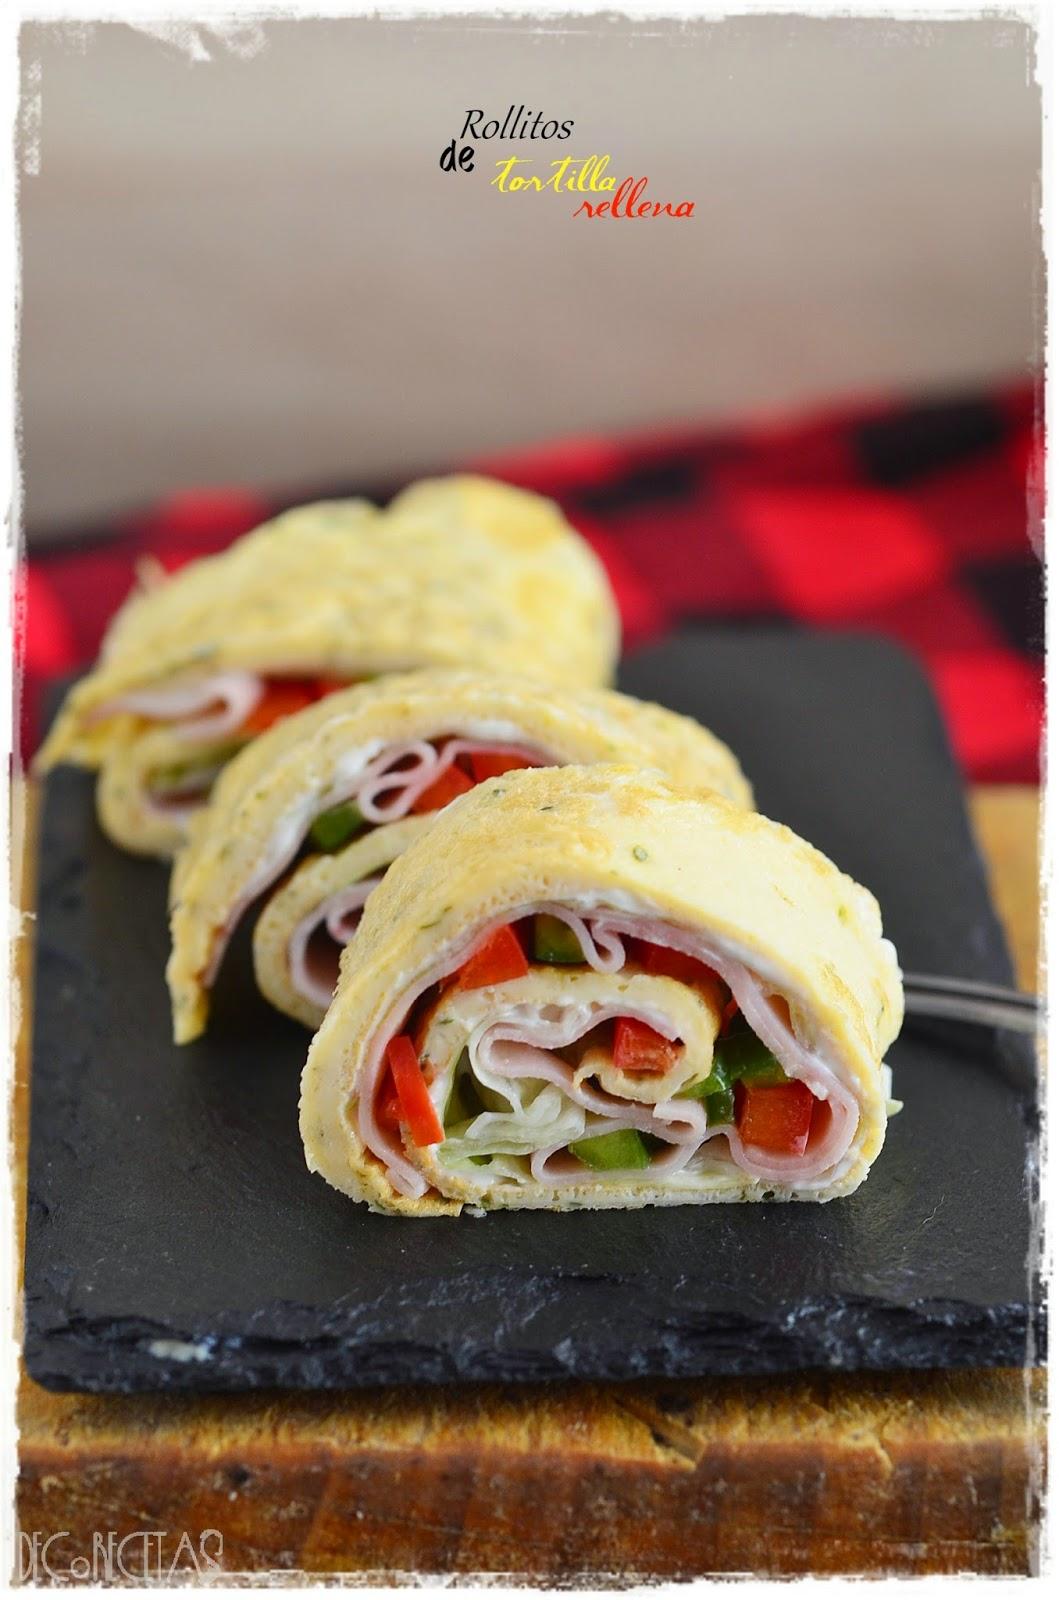 Rollitos de tortilla rellena